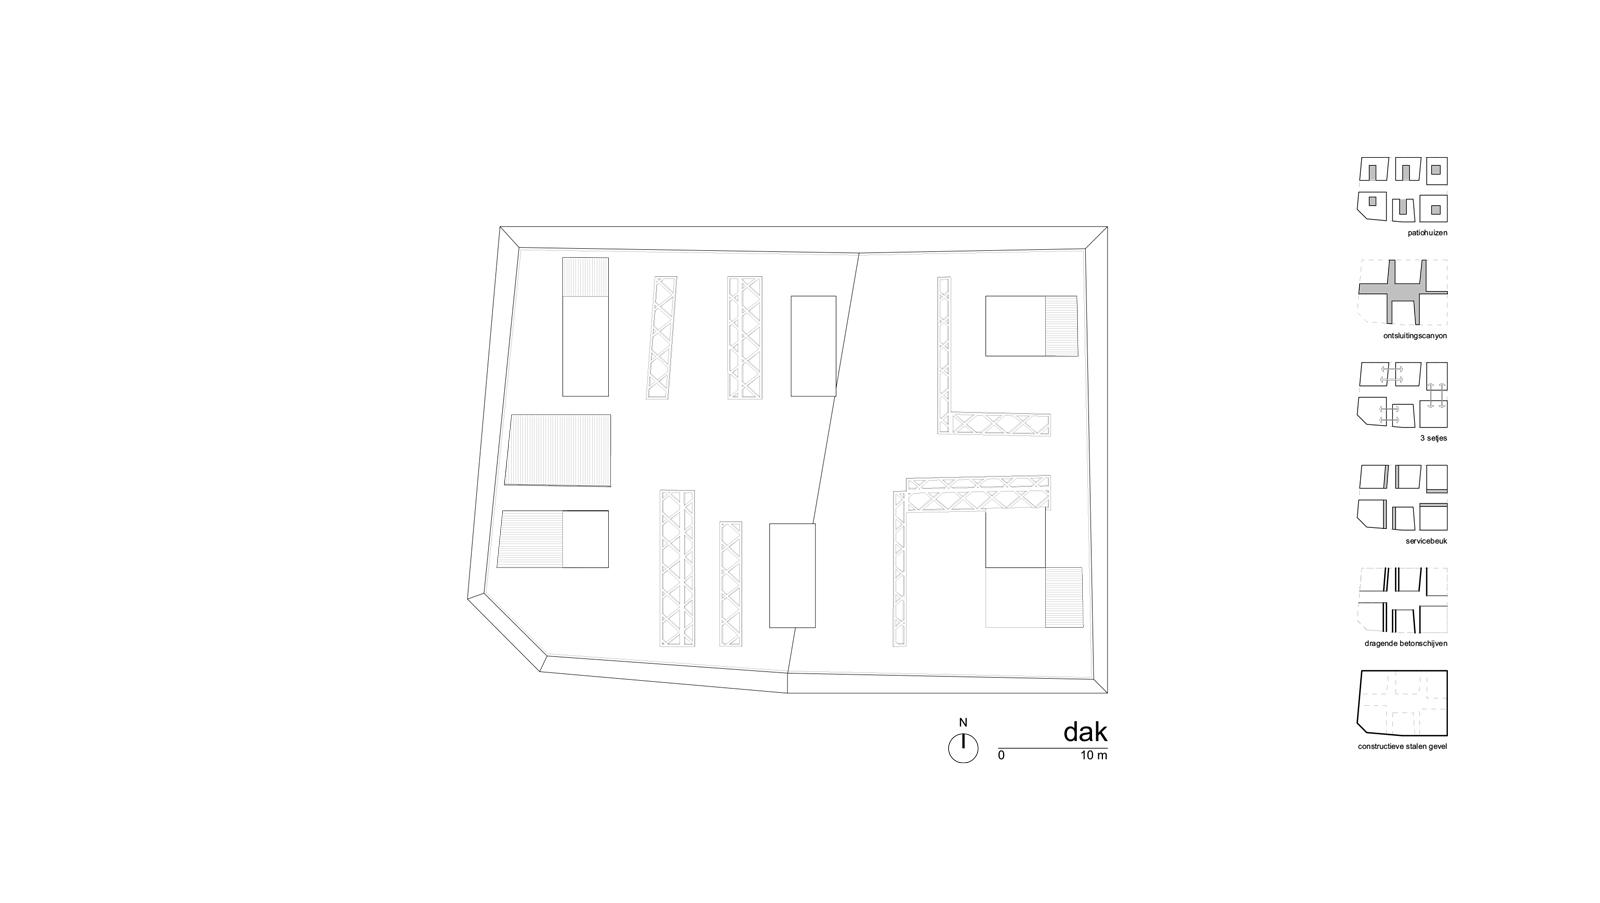 CRUQ-pres-140606-64